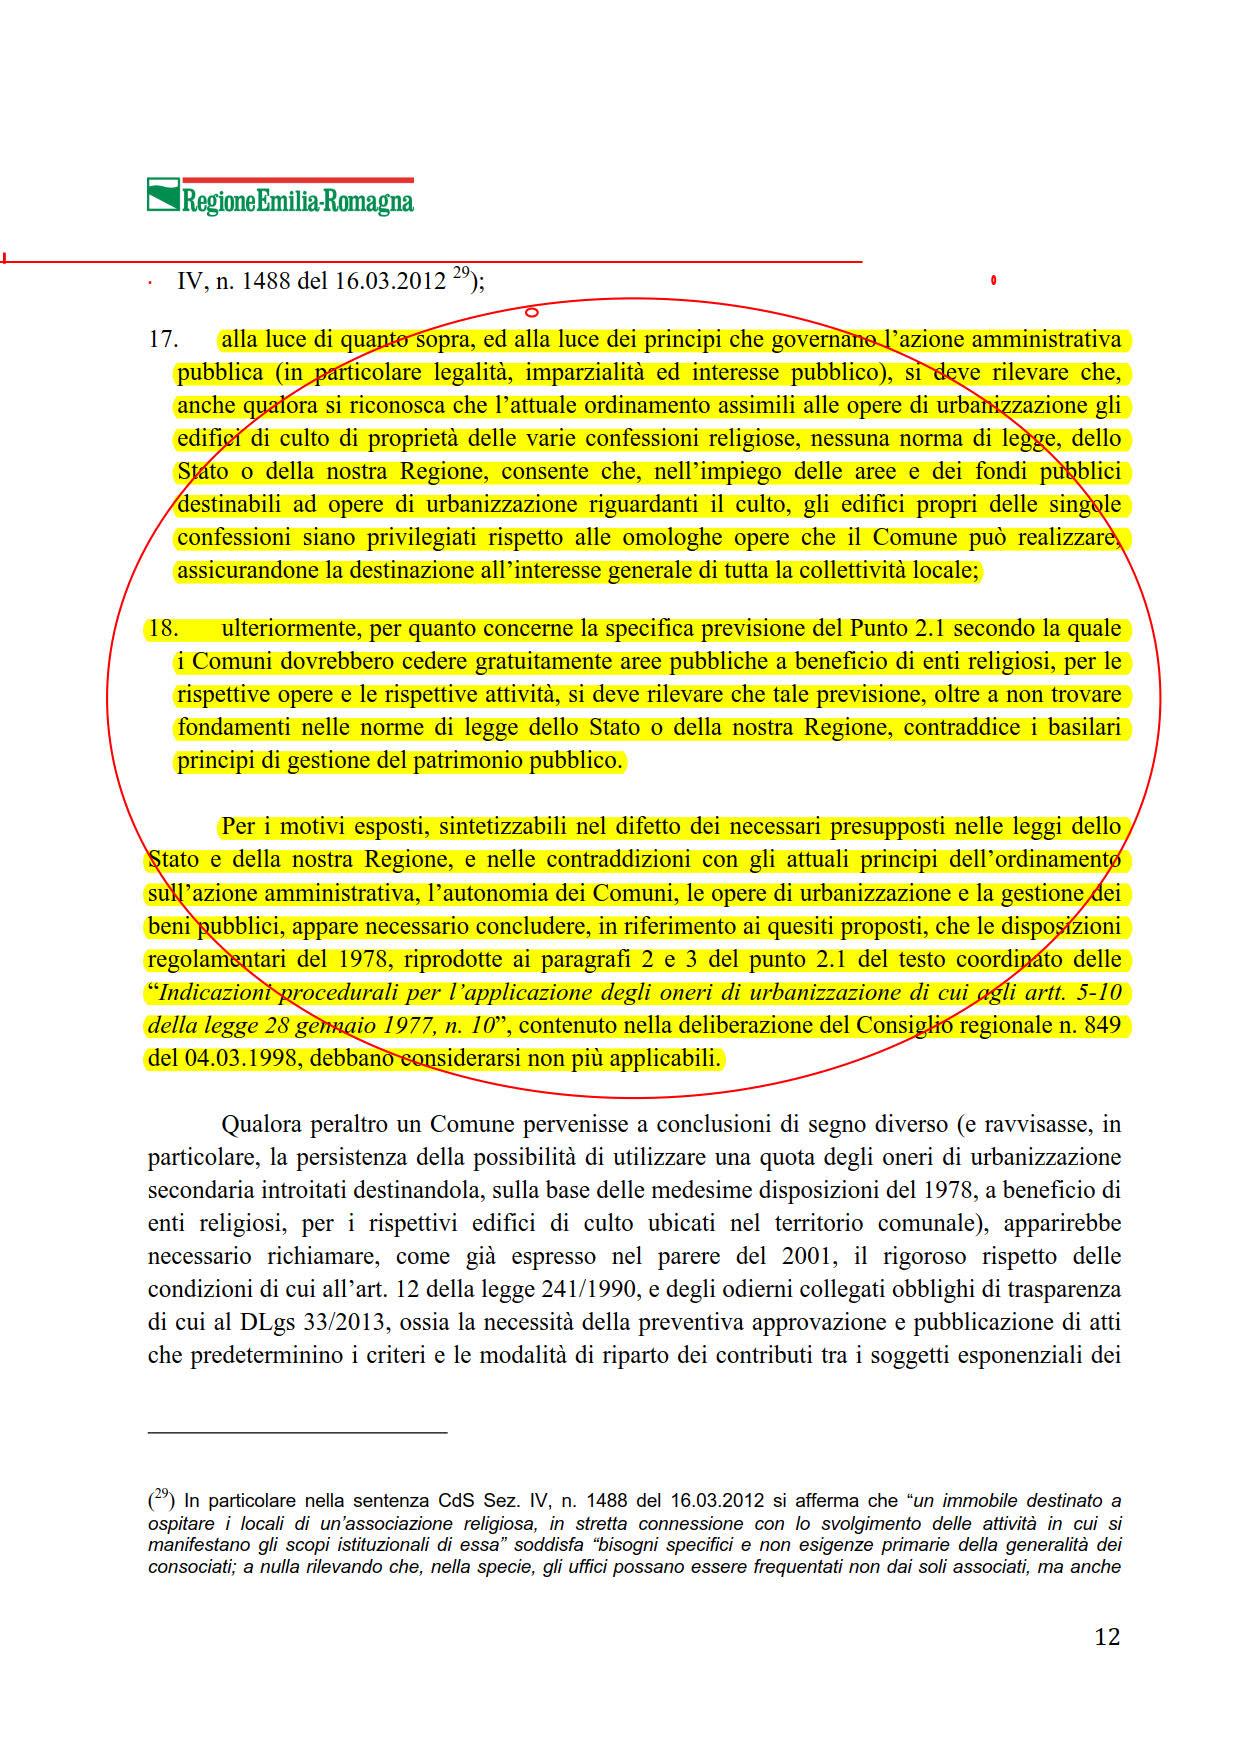 OU2 Parere Regione Emilia Romagna